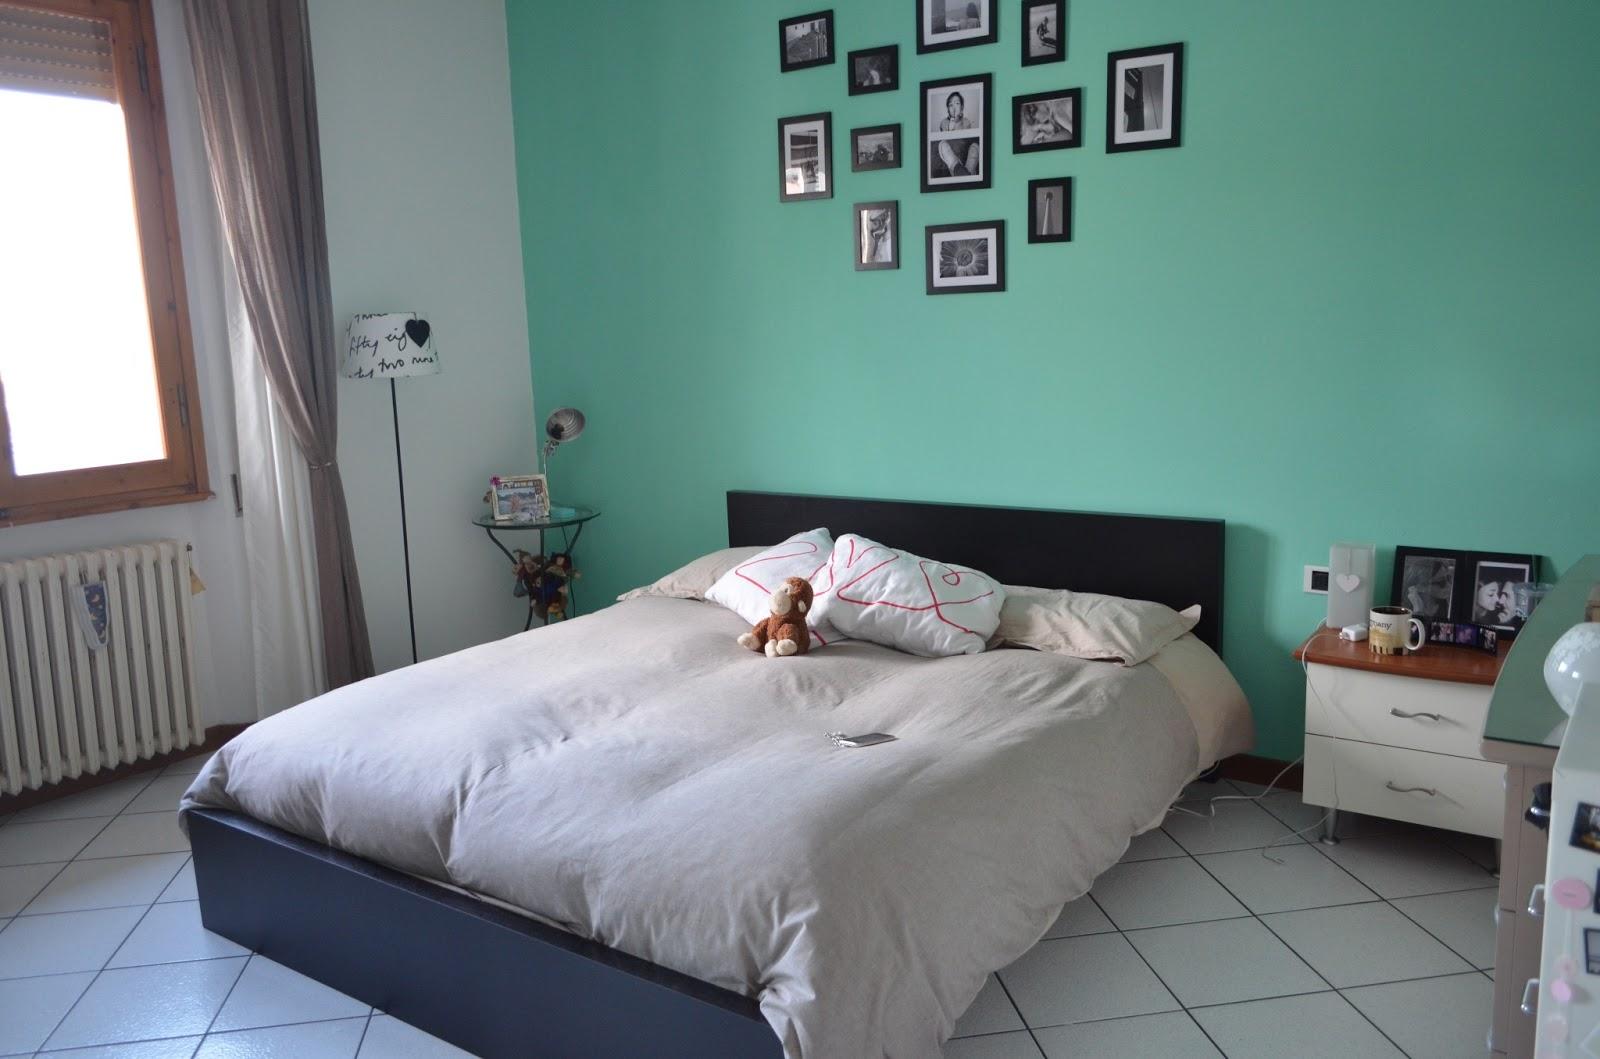 Camera Da Letto Colore Argento : Camera da letto parete argento gres effetto legno posa esterno